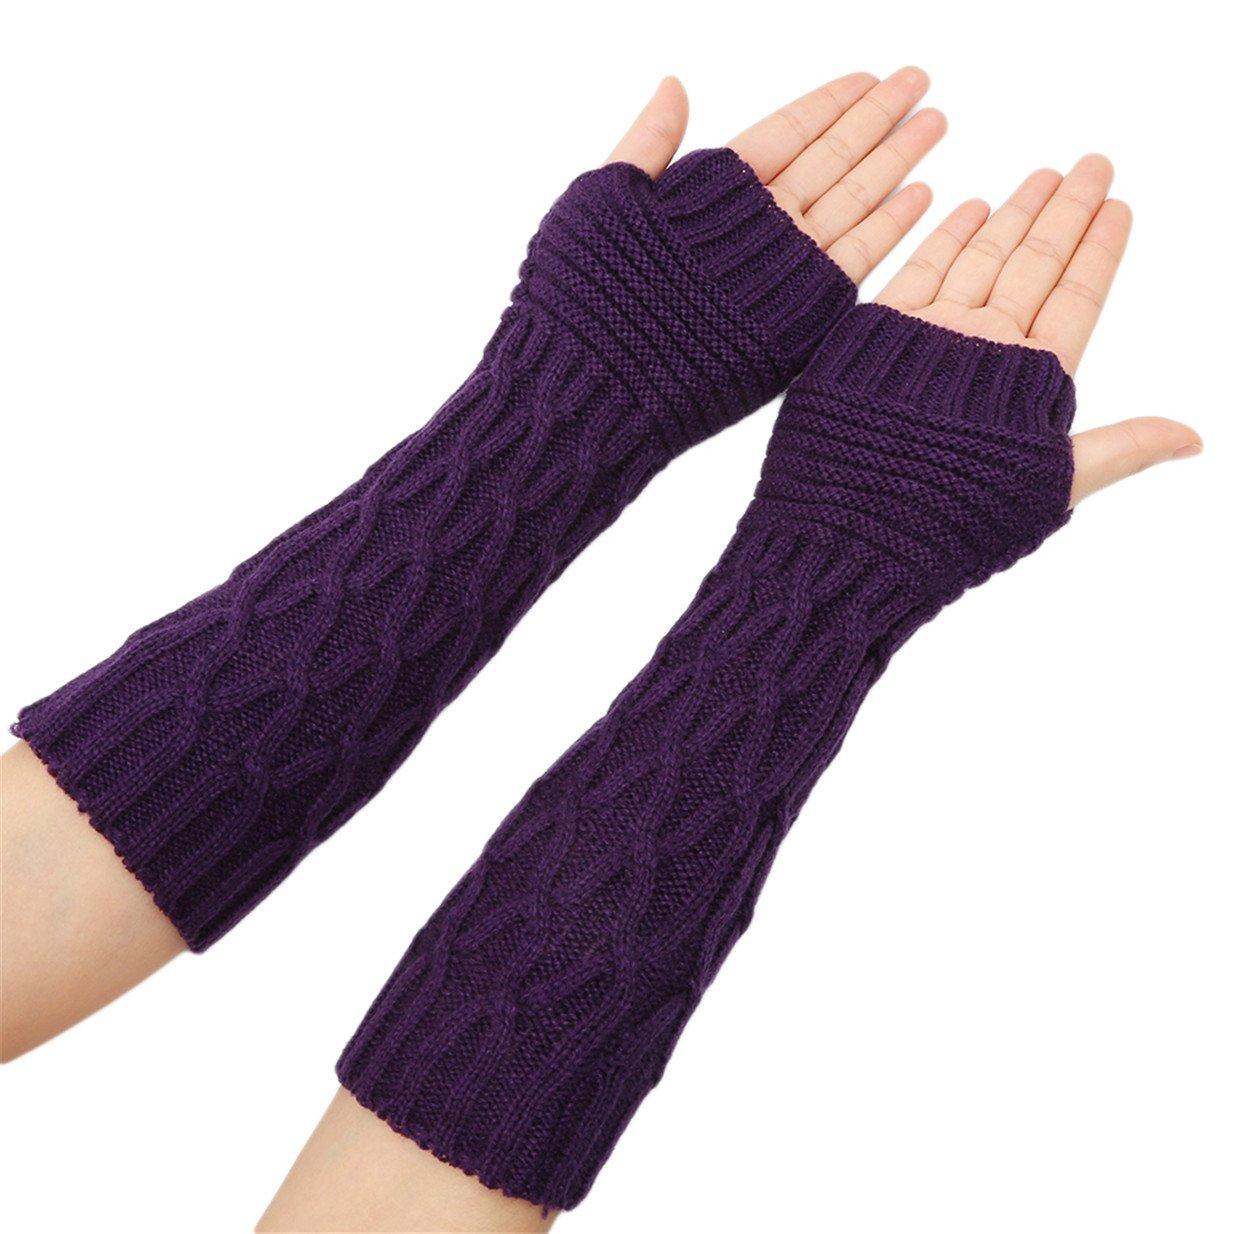 Lalang Damen Strick Winter fingerlose Handschuhe weiche warme Fausthandschuhe Armstulpen Handw/ärmer